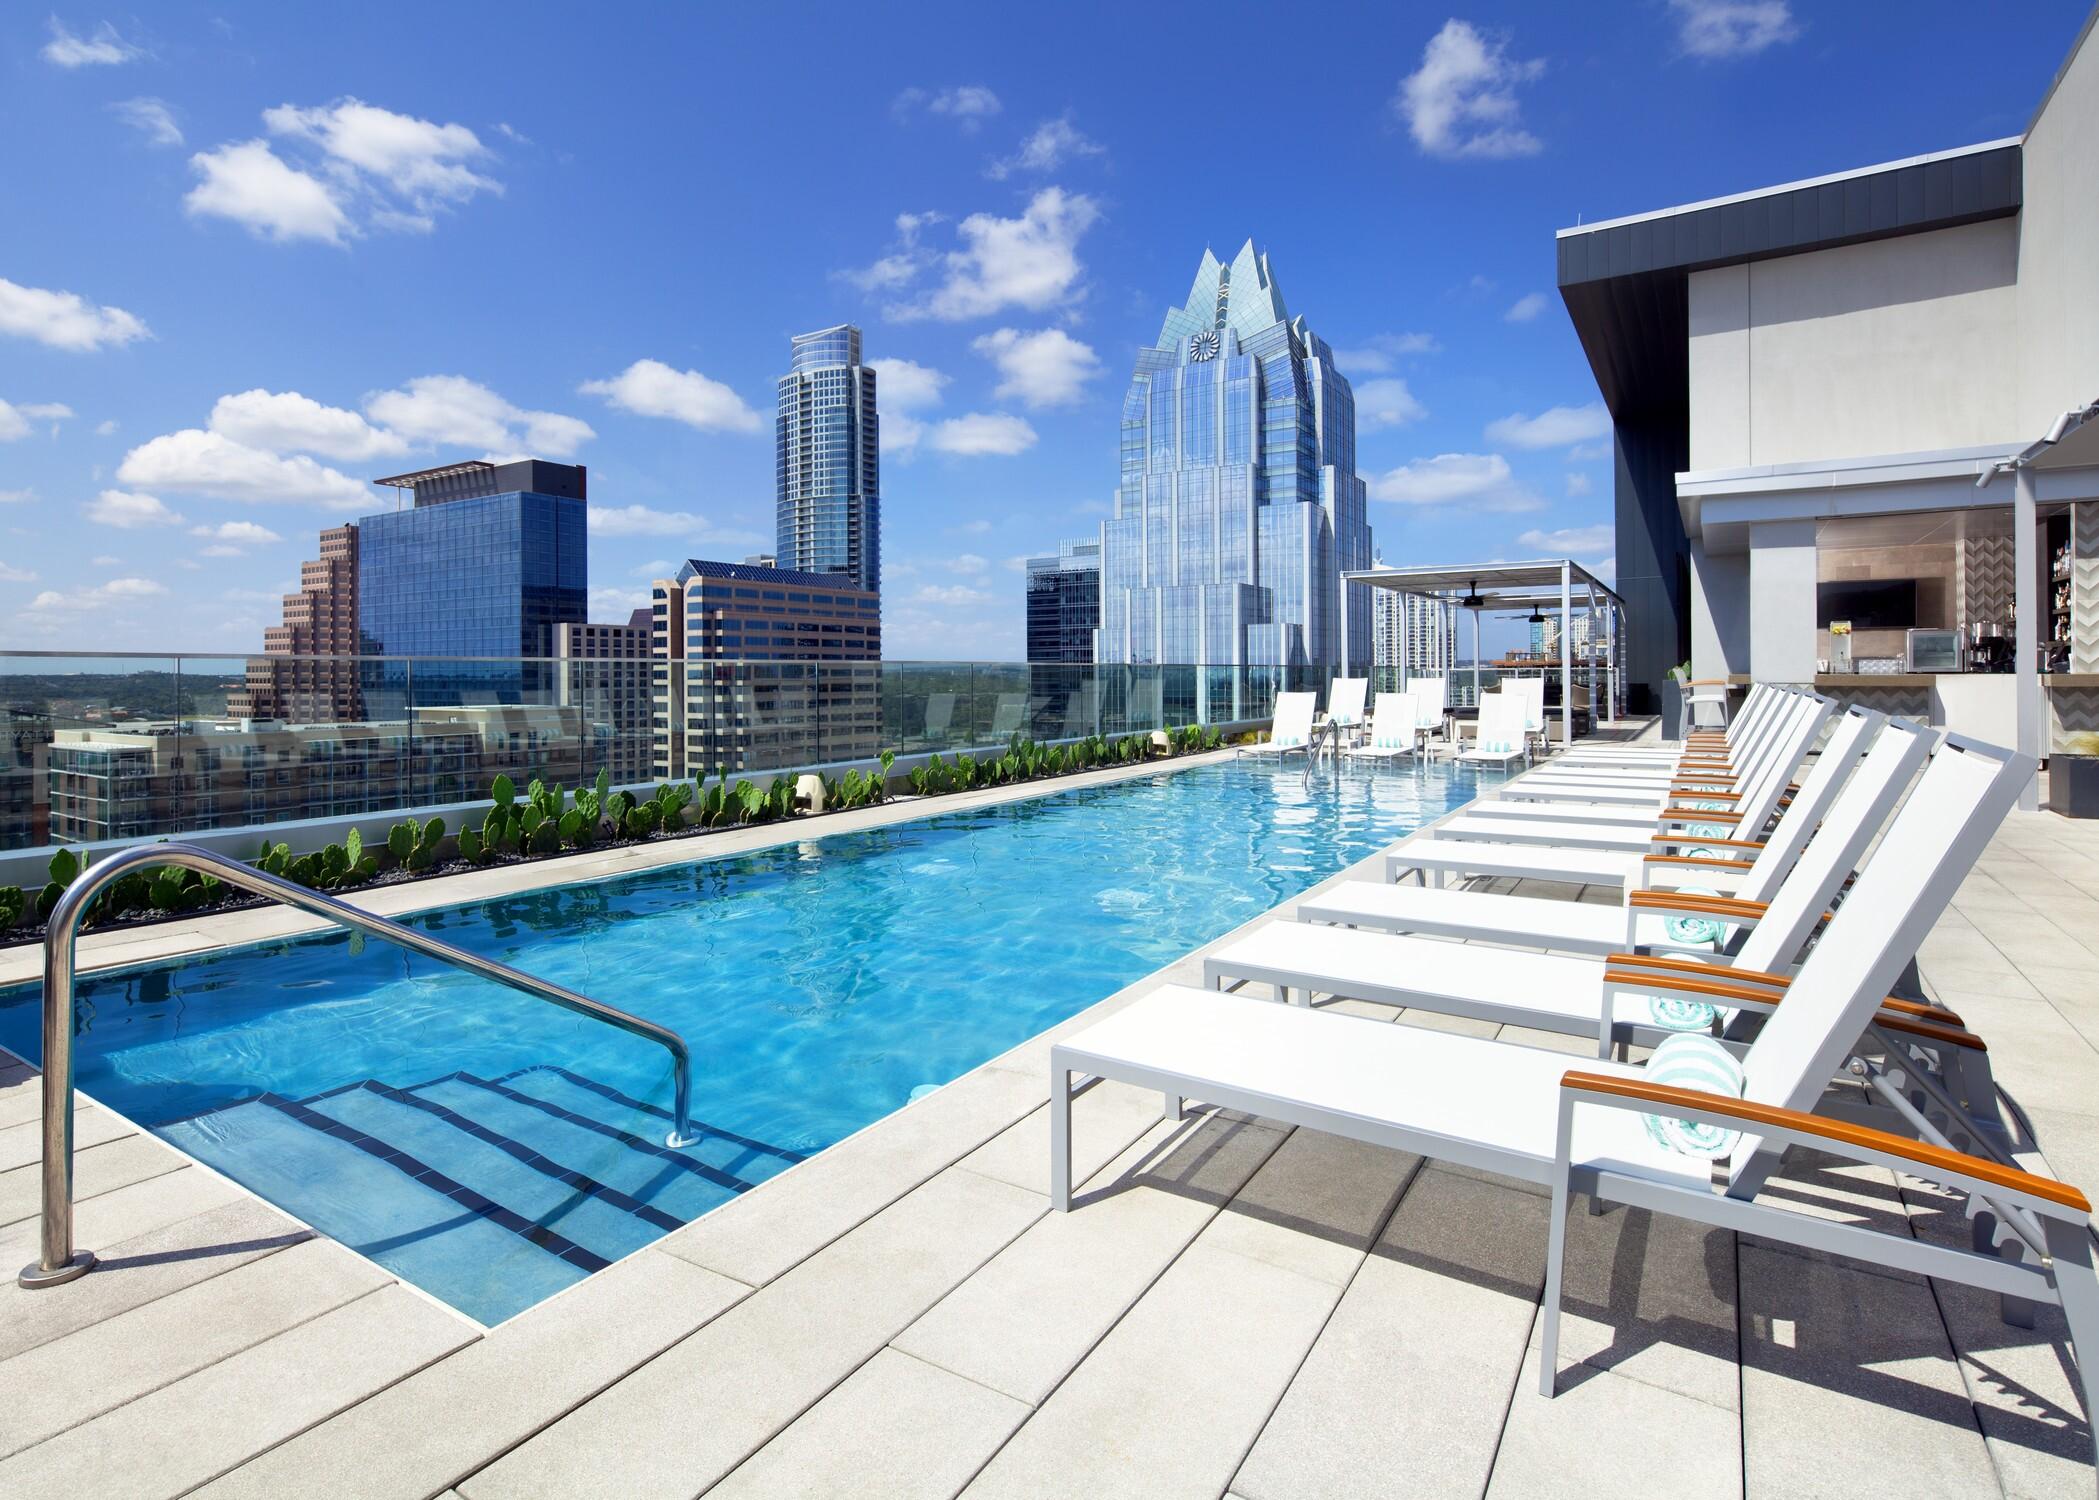 Photo 1 Westin Austin Downtown Pool